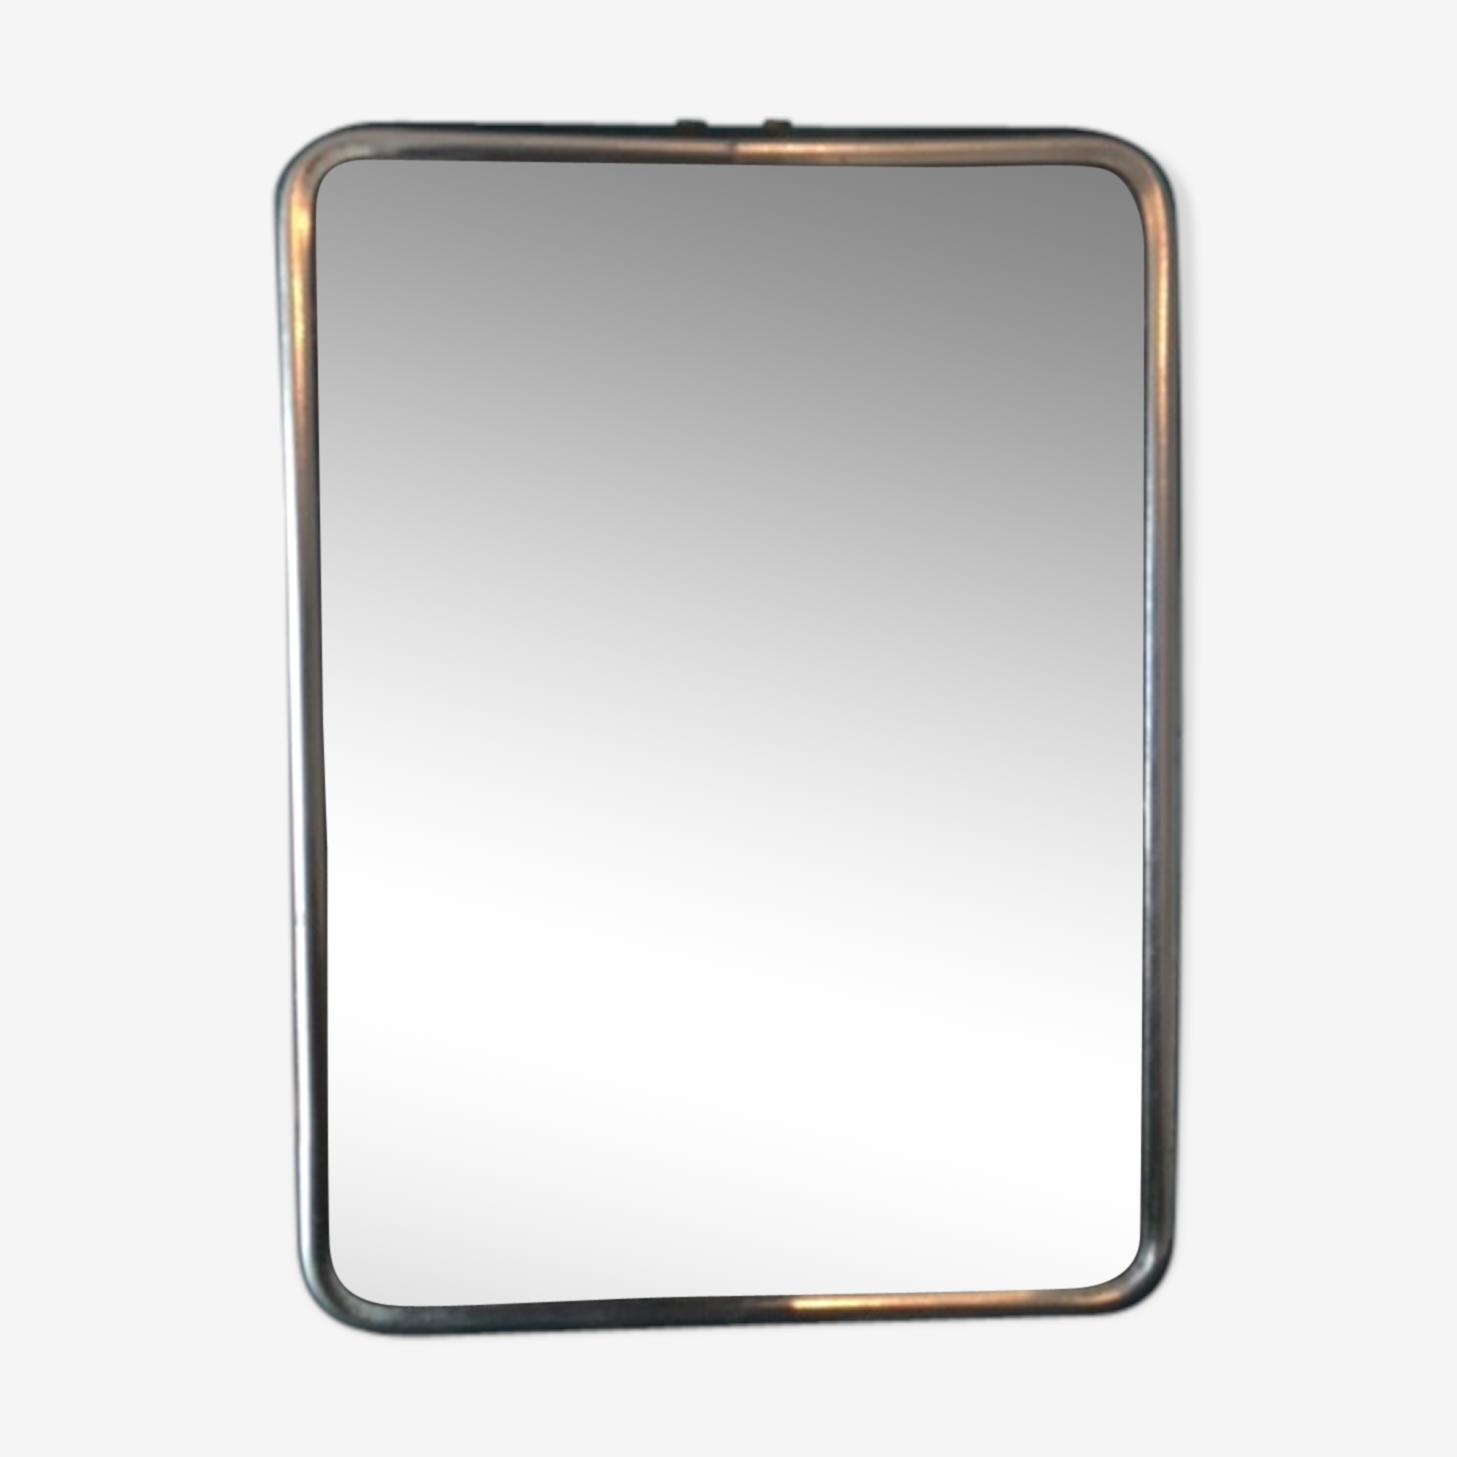 Miroir barbier 16x12